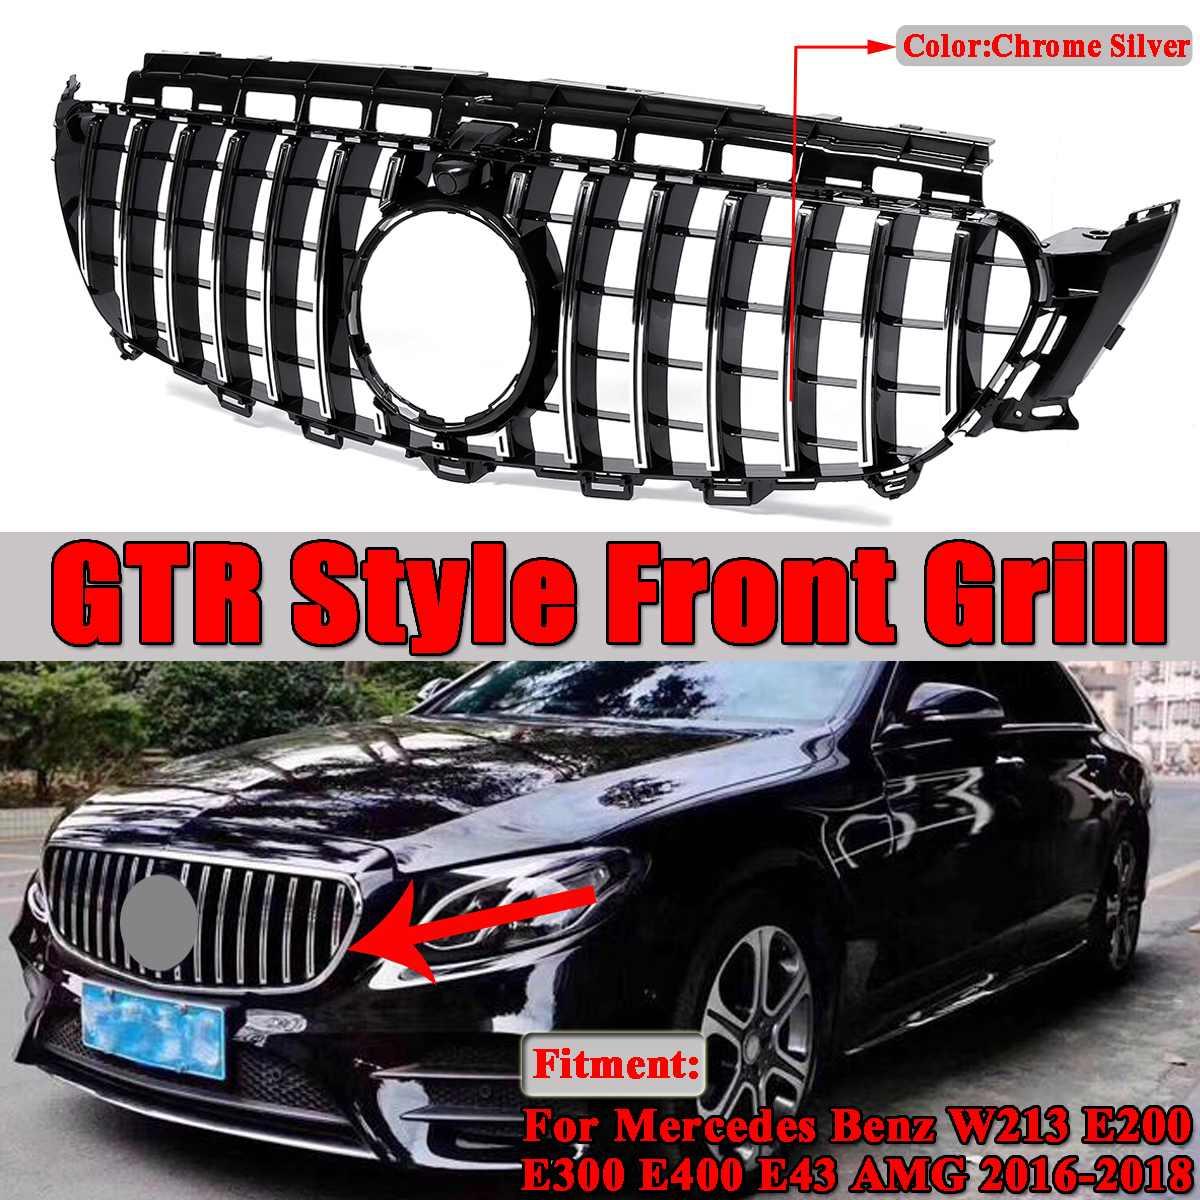 1x GT R/Del Diamante di Stile W213 Grlil Auto Griglia Anteriore Per Mercedes Per Il Benz W213 E200 E300 E400 E43 per AMG 2016 2017 2018 2019